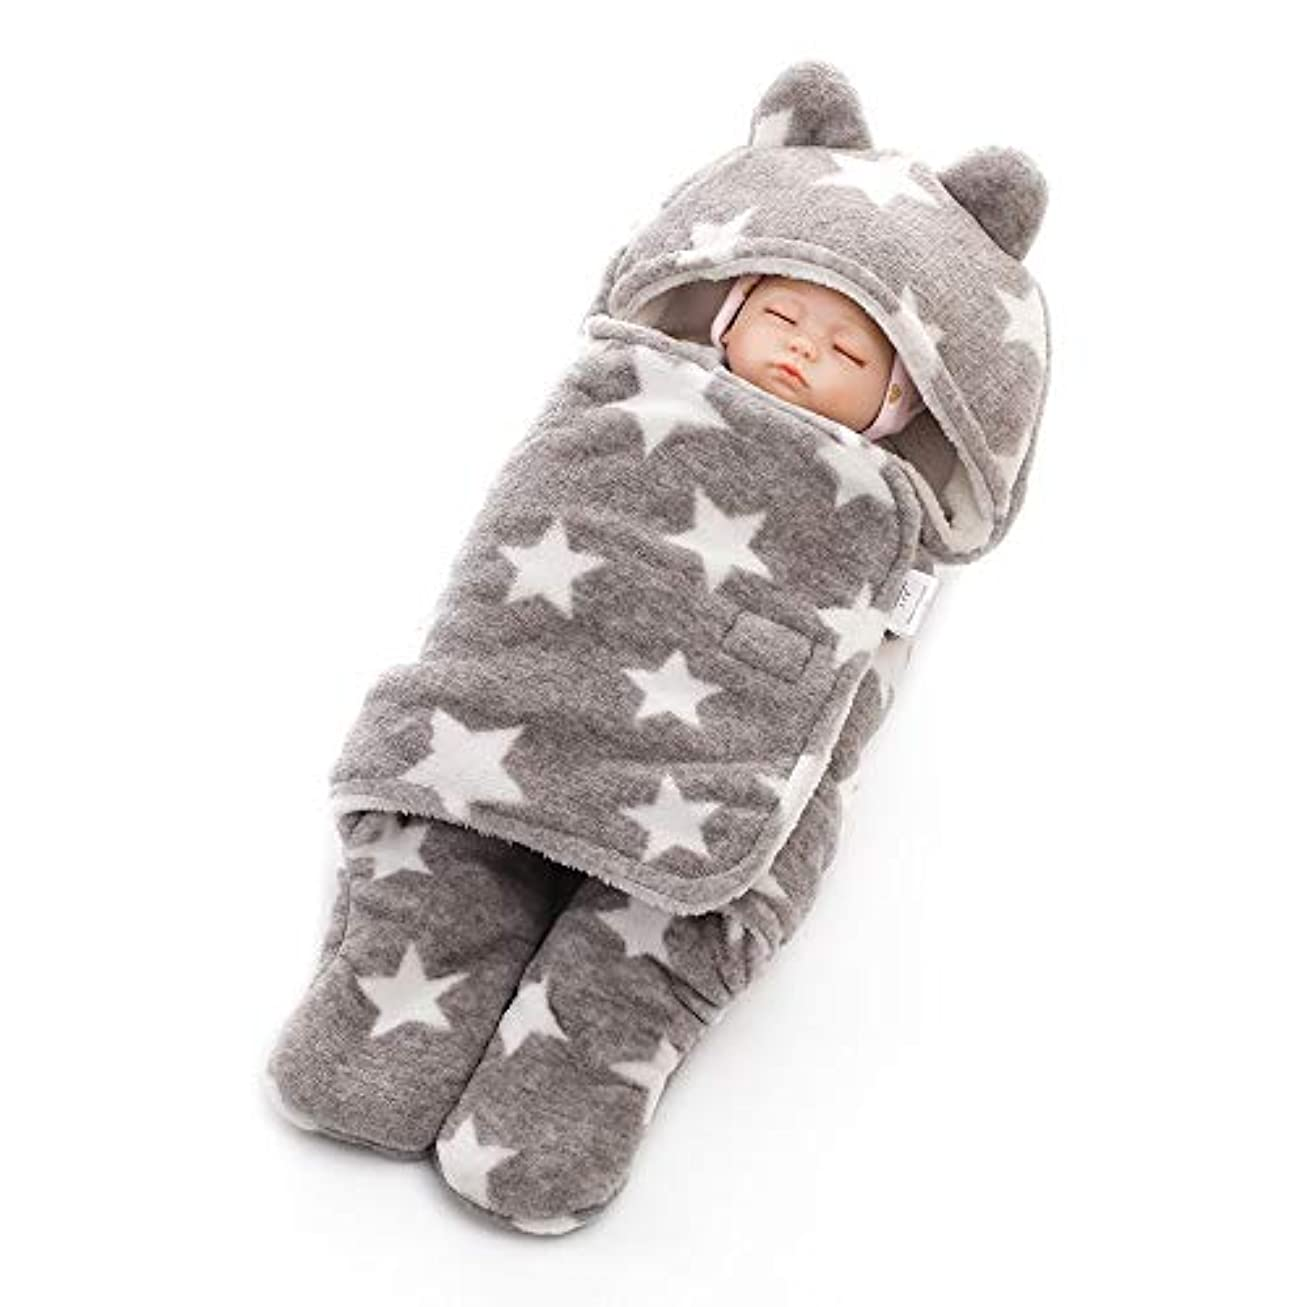 トーン機知に富んだ収まるベビー寝袋 調節可能なベビーつつく毛布ソフトマイクロ豪華なベルベットのローブの袋の赤ちゃん寝袋は旅行のためのユニセックス大きな毛布を着用 新生児睡眠カプセル (色 : グレー, サイズ : 78X86cm)